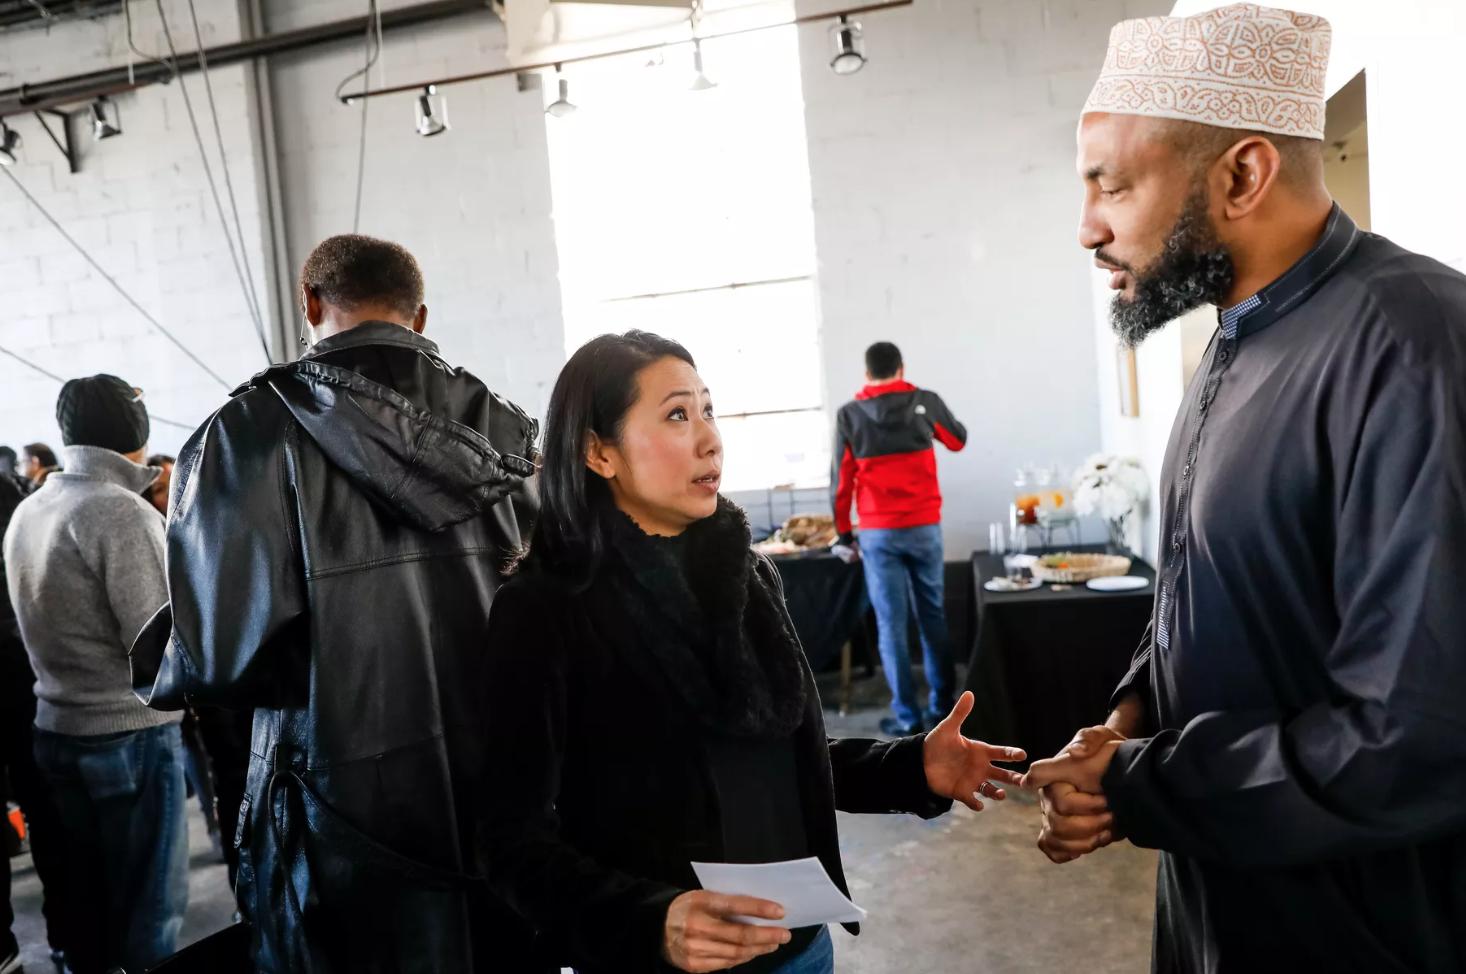 Dự án Spice Kitchen có ý nghĩa lớn đối với người tị nạn ở Hoa Kỳ